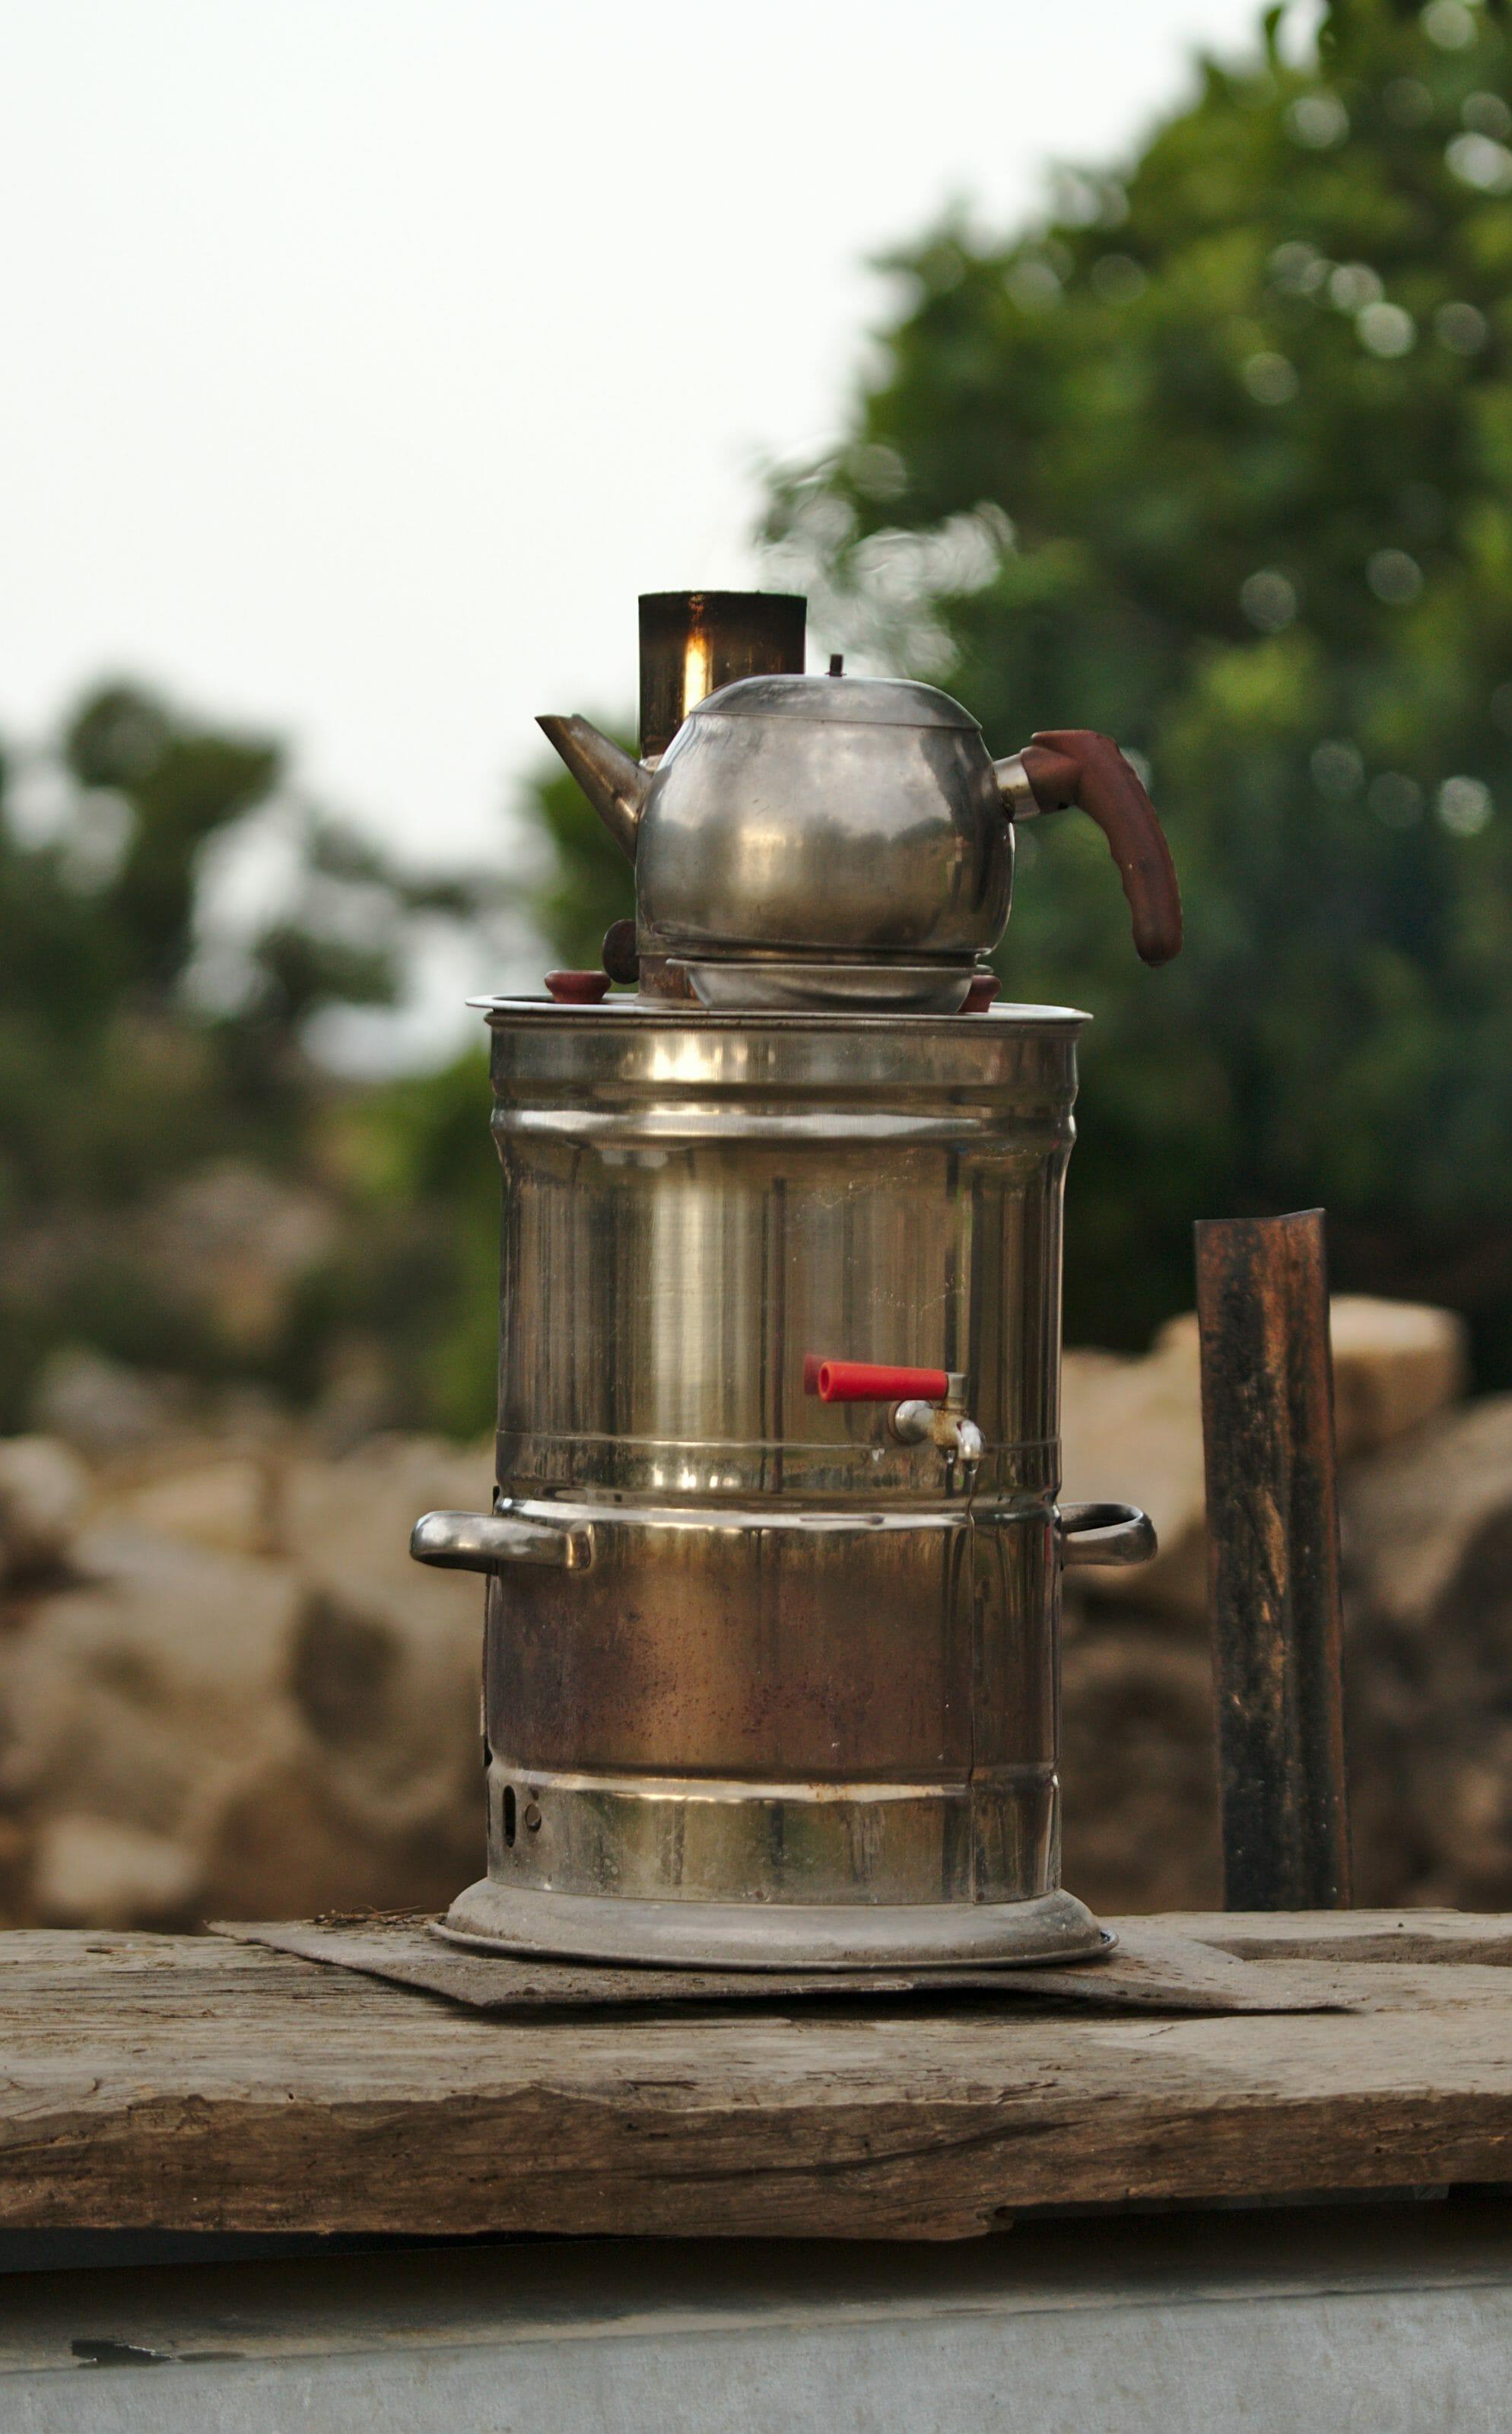 le café turque traditionnel